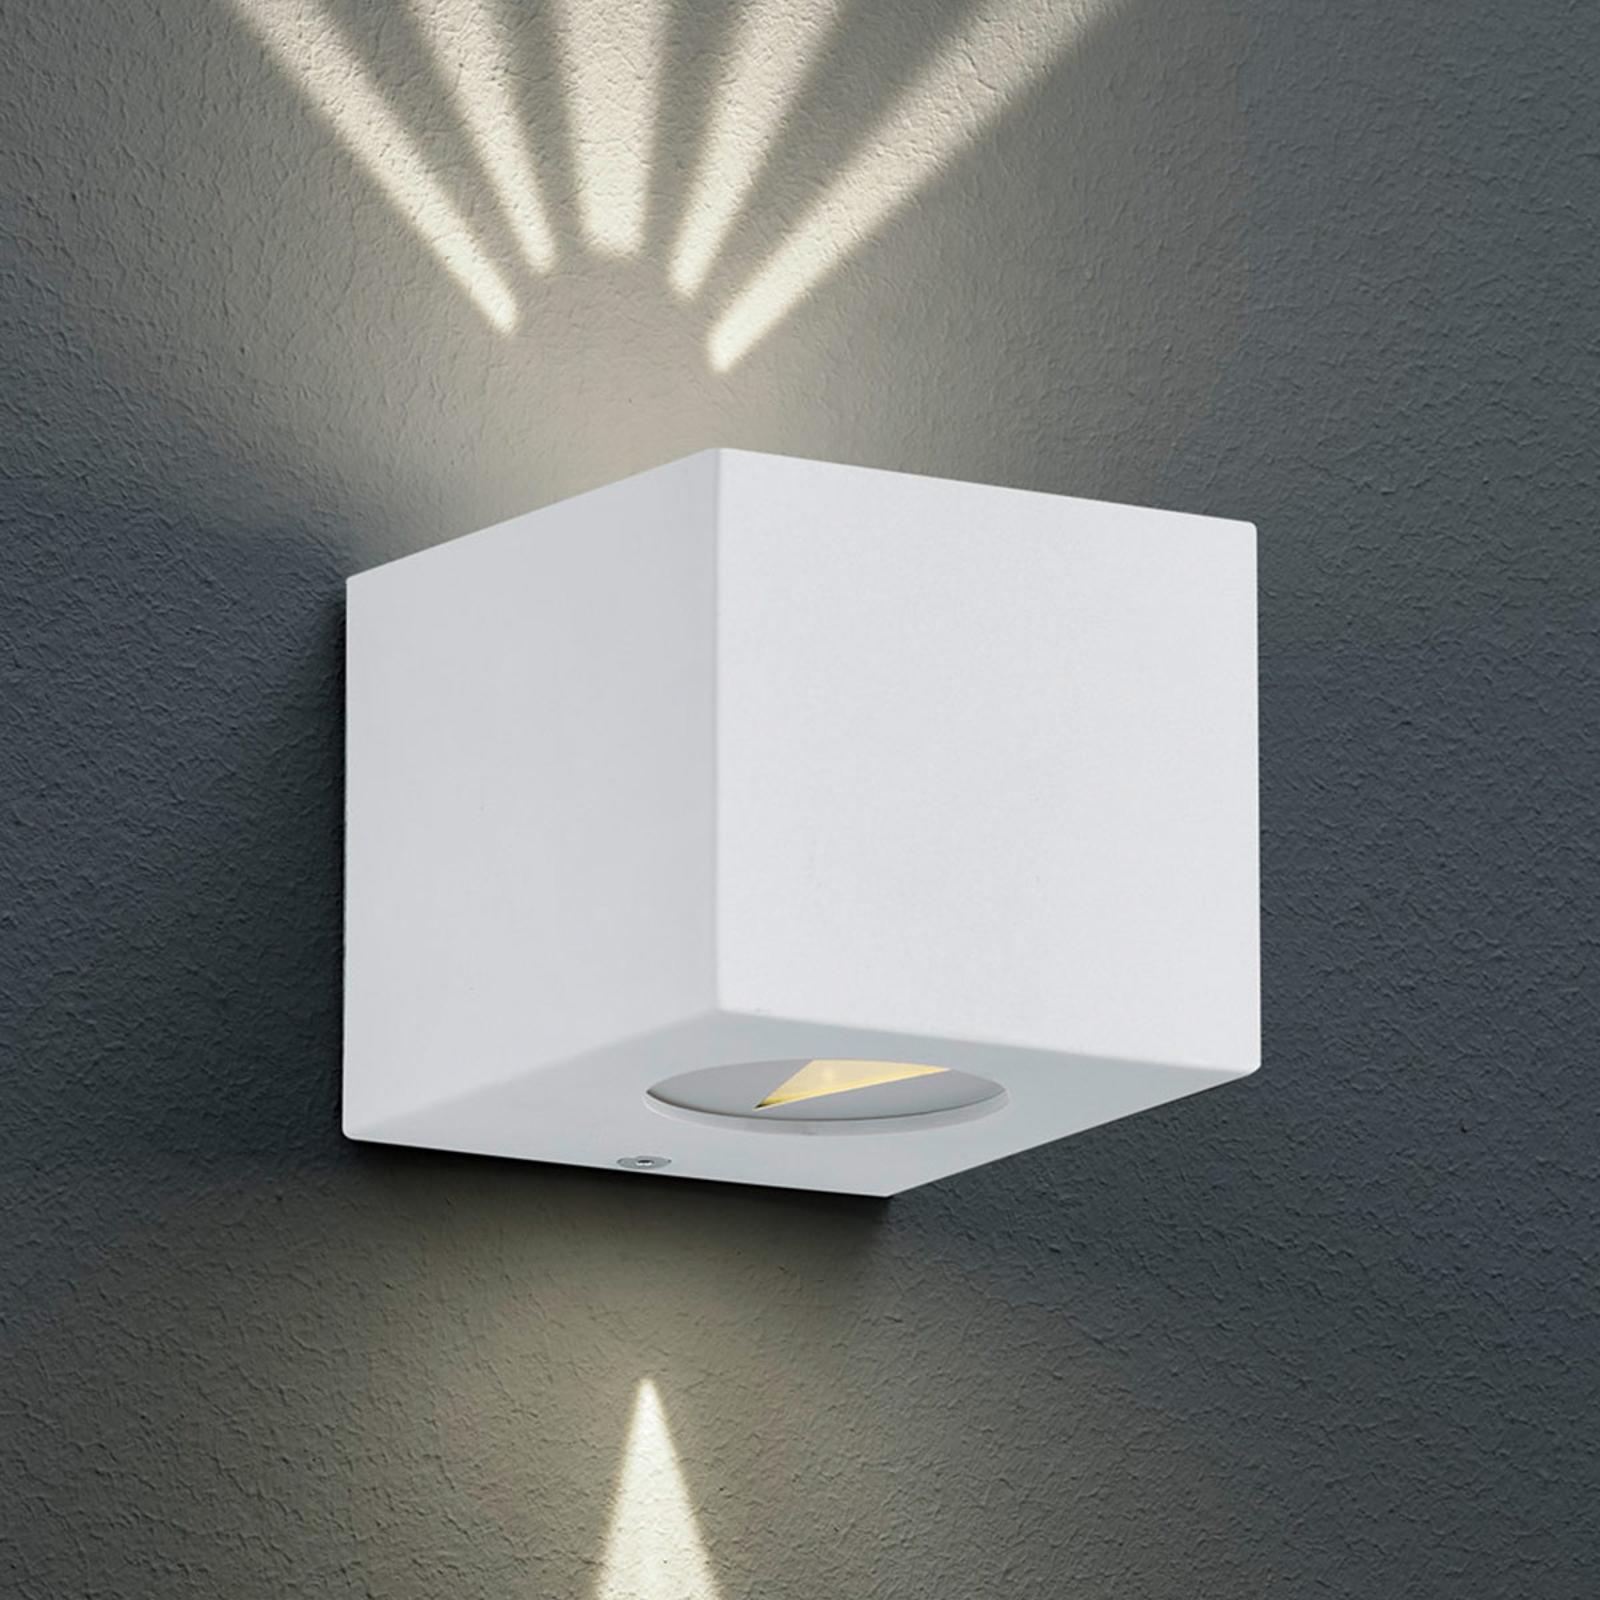 Rechthoekige LED buitenwandlamp Cordoba, wit